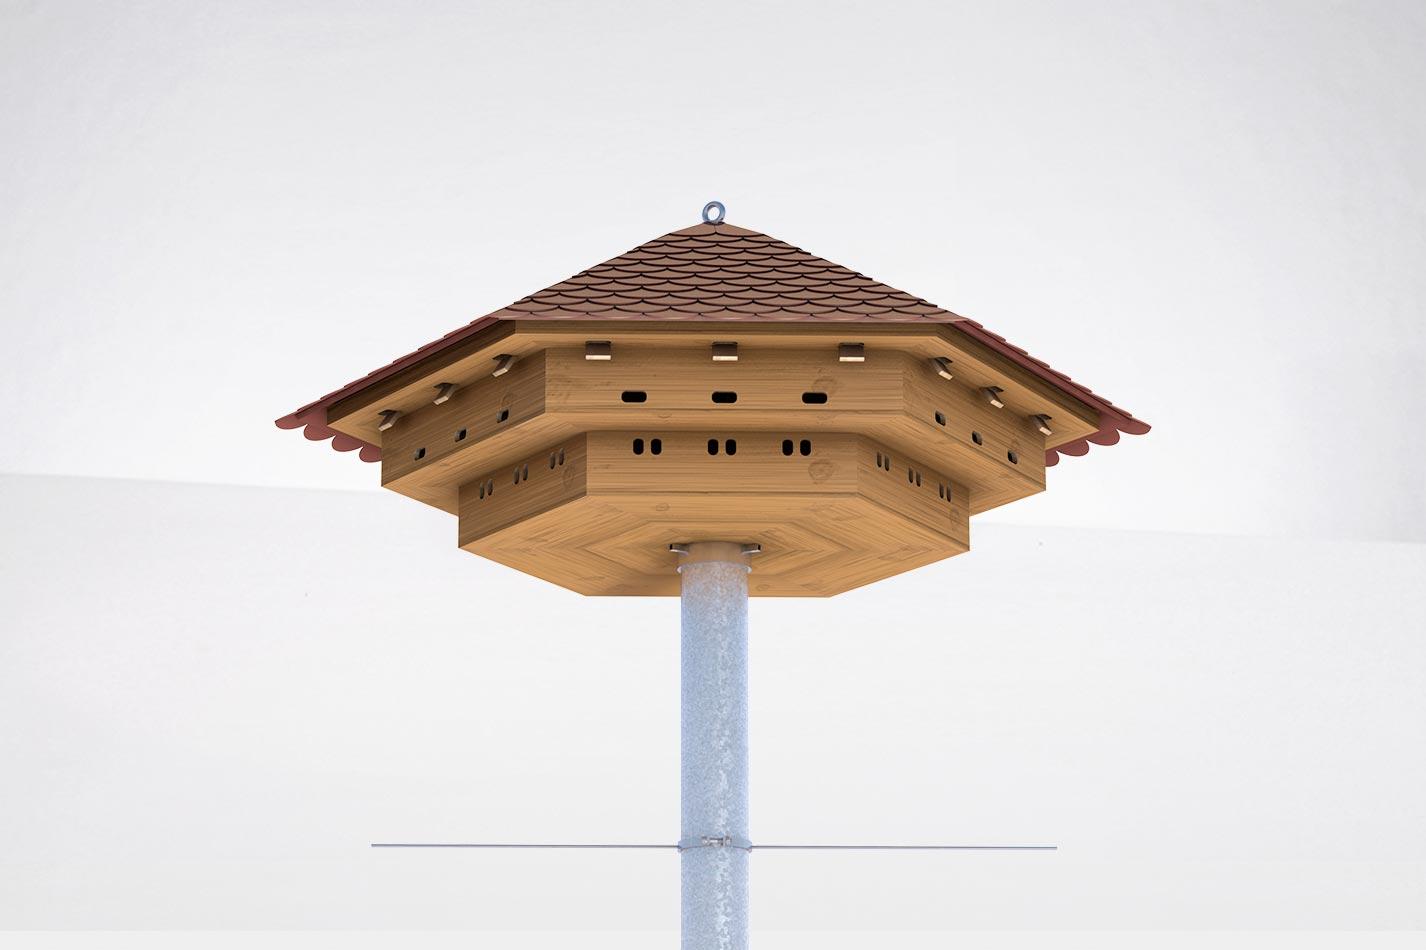 Sperlingshaus aus Holz mit Stahlmast und 54 Brutkammern